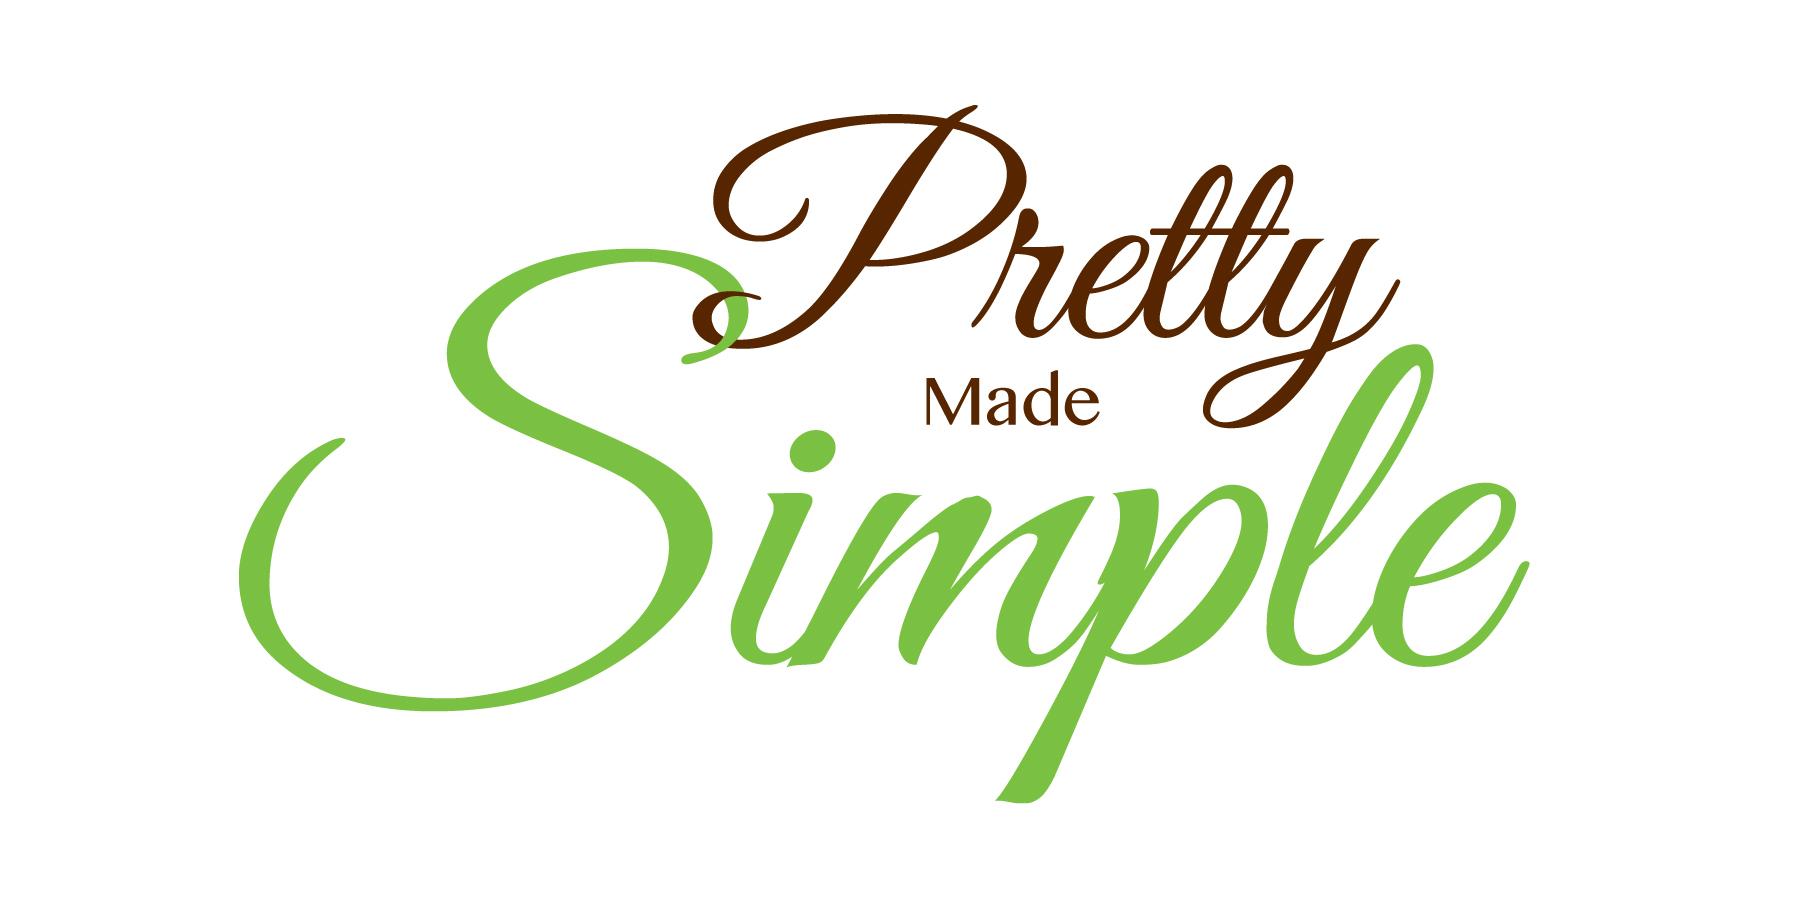 Logo Design by Diane Dunbrack - Entry No. 128 in the Logo Design Contest Pretty Made Simple Logo Design.